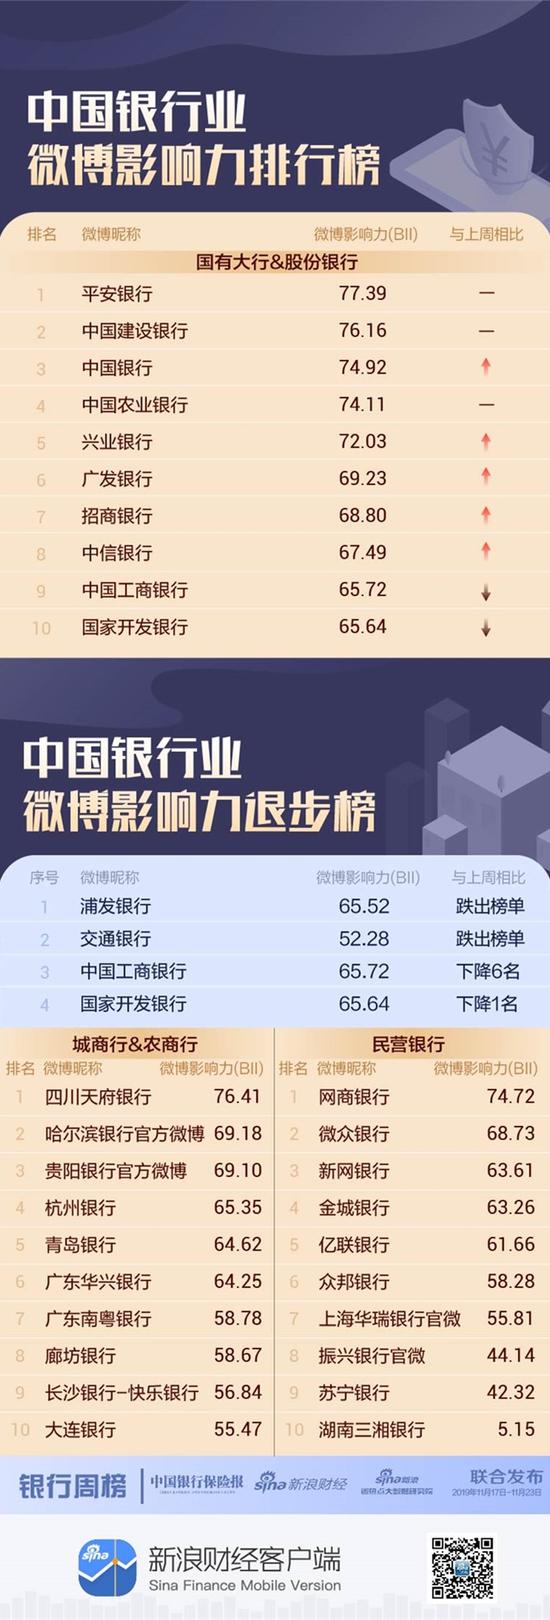 众博彩票是谁开的-庆祝新中国成立70周年山东卫生健康事业成就展在济南启动